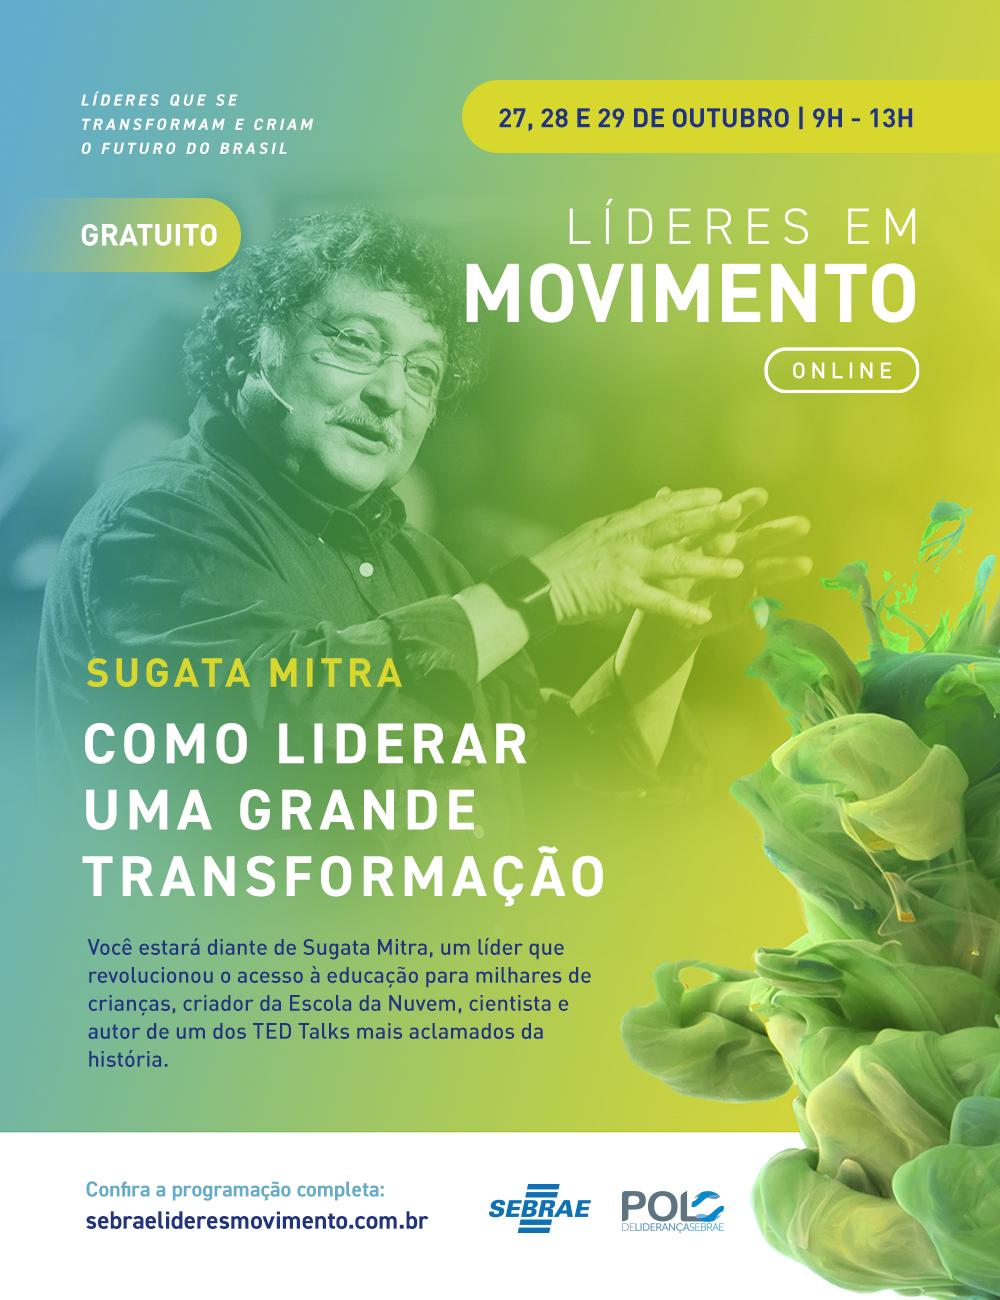 Líderes em Movimento - O maior evento de liderança do Brasil